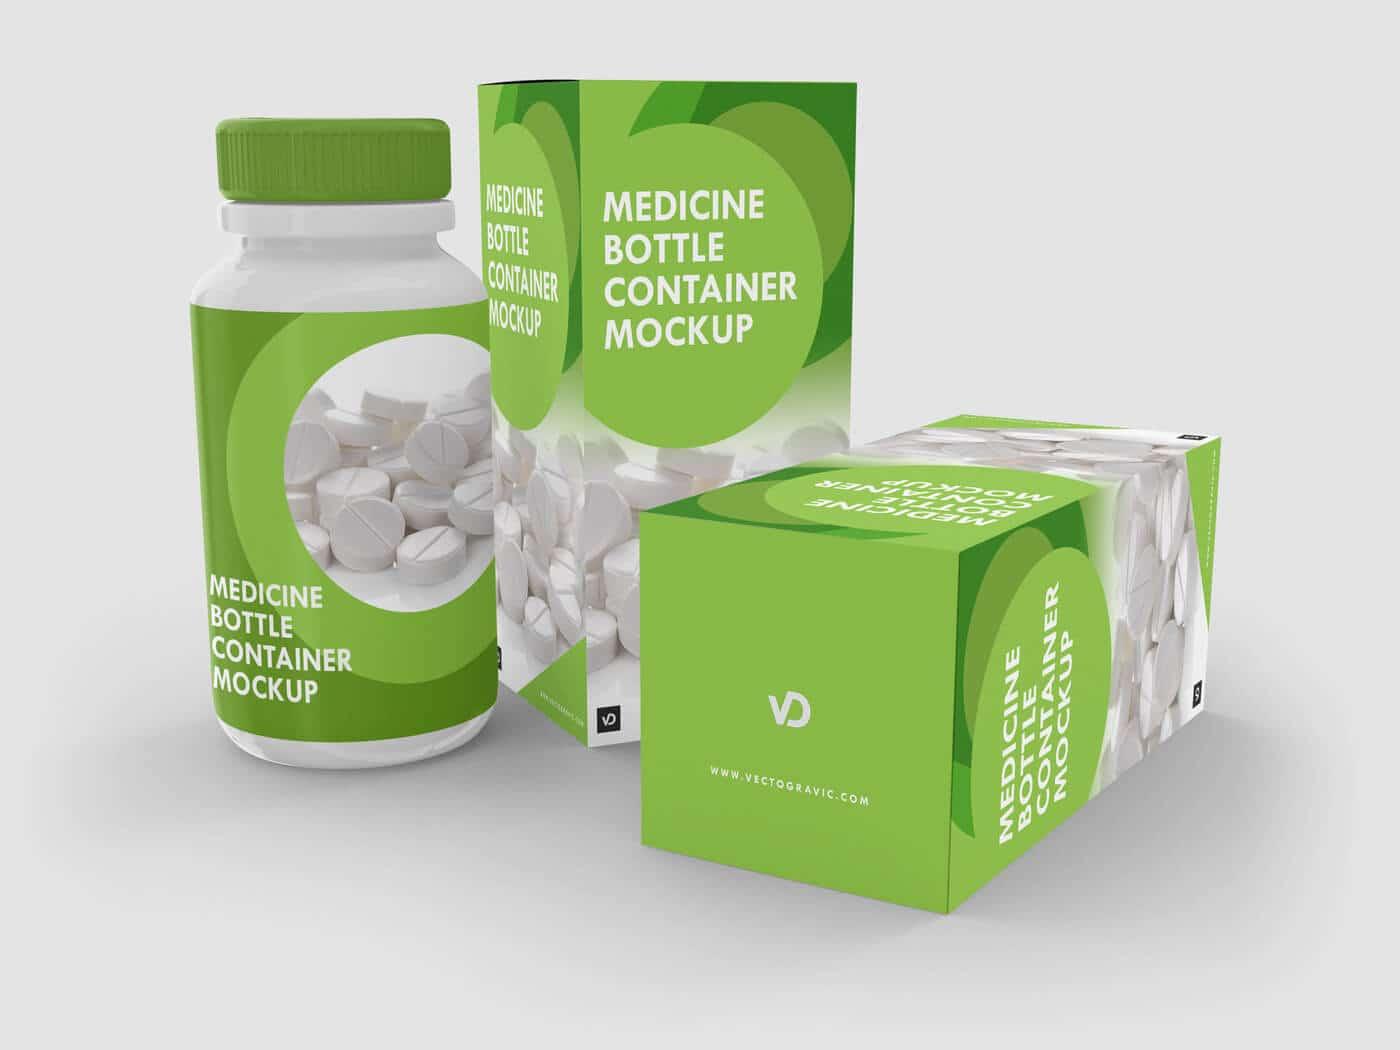 Medicine Bottle Container Mockups